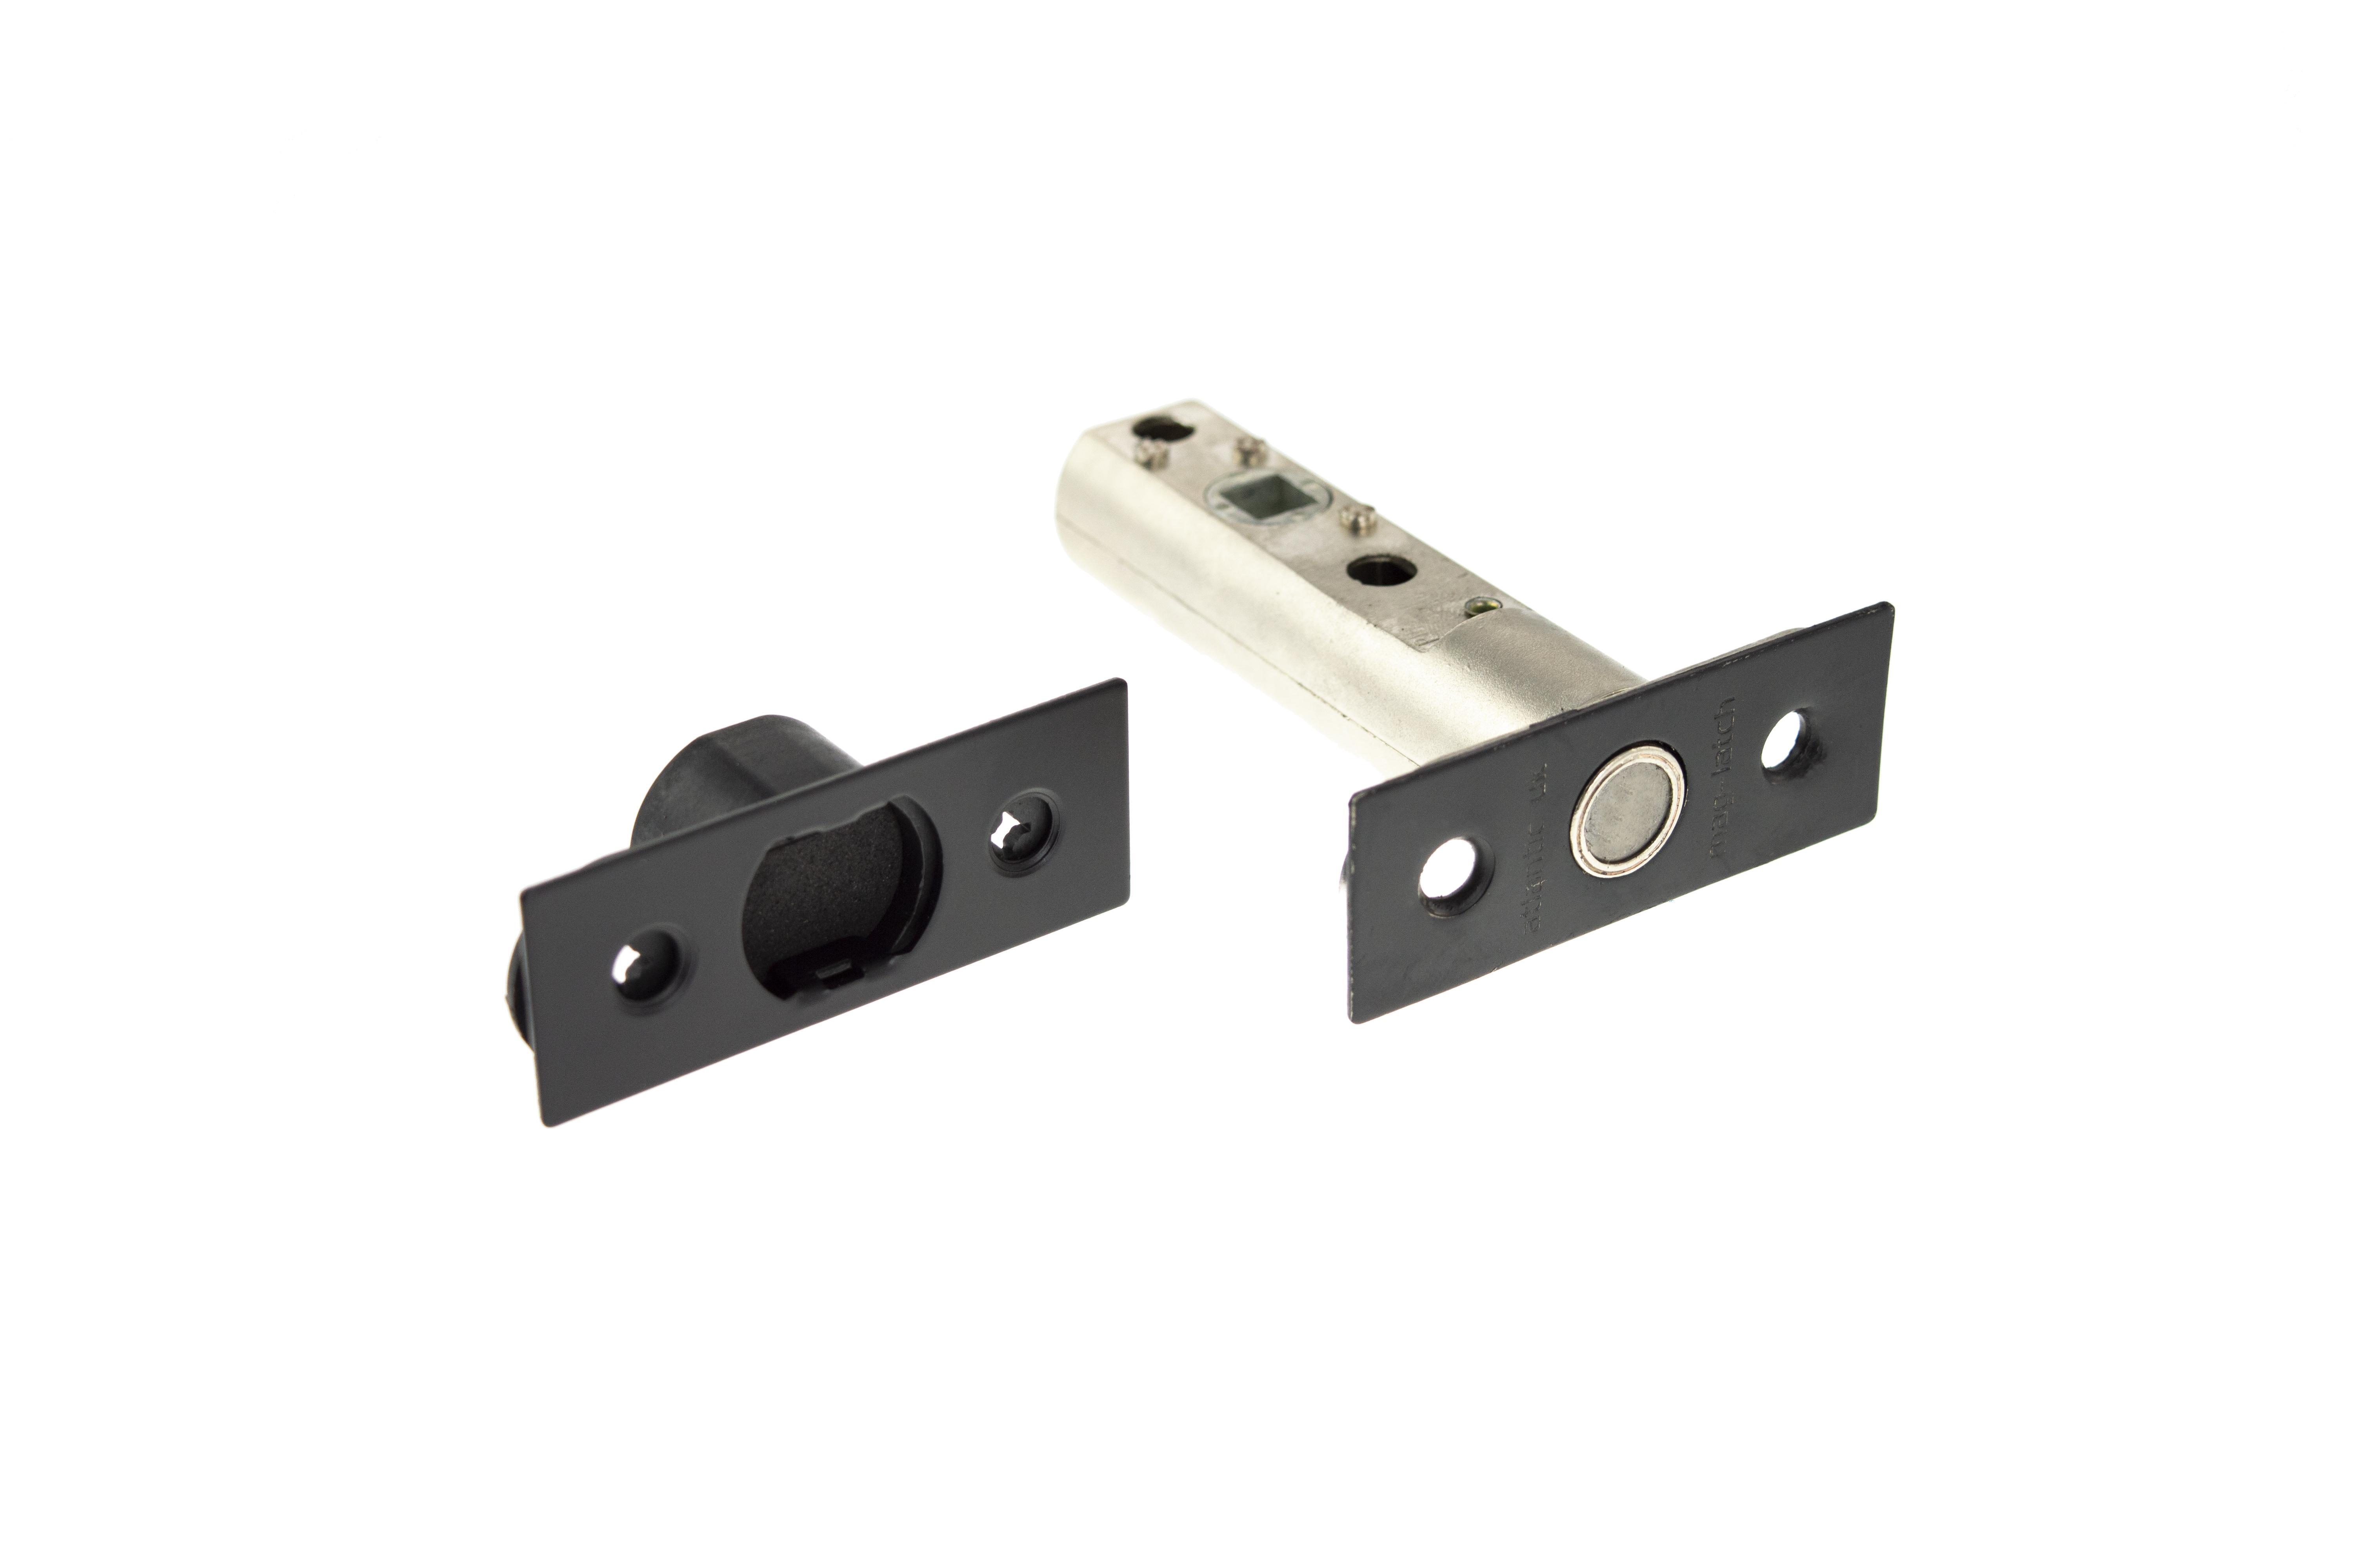 Rebate Kit Rebate Kit For Latch Rebate Kit For Tubular Latch